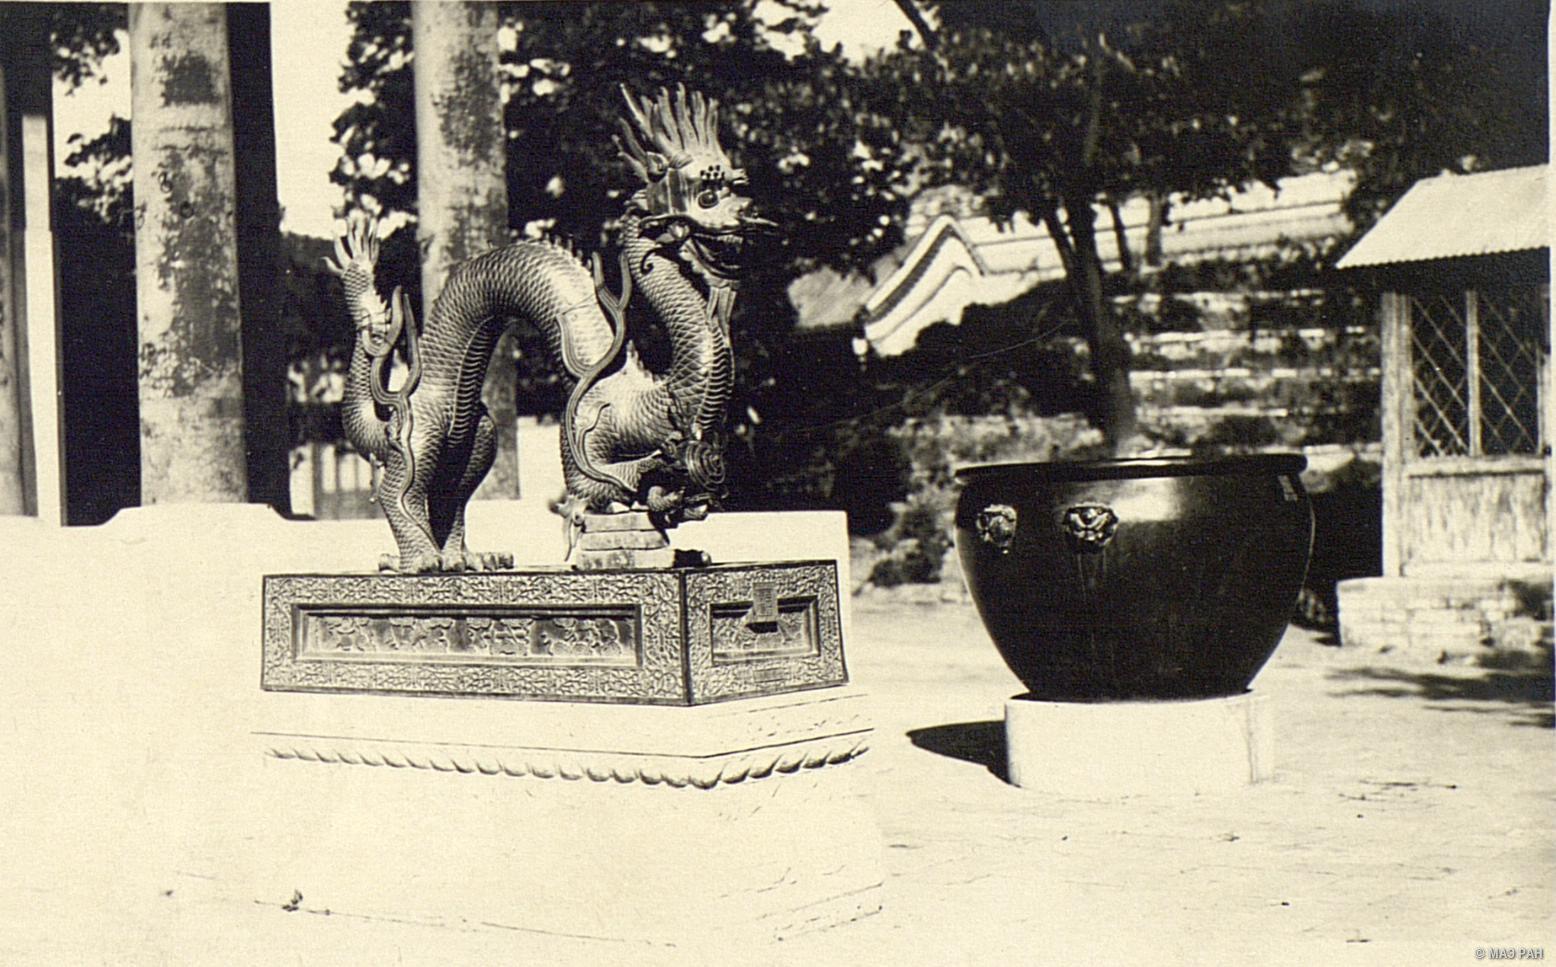 Летний дворец в парке Ихэюань. Статуя, изображающая дракона